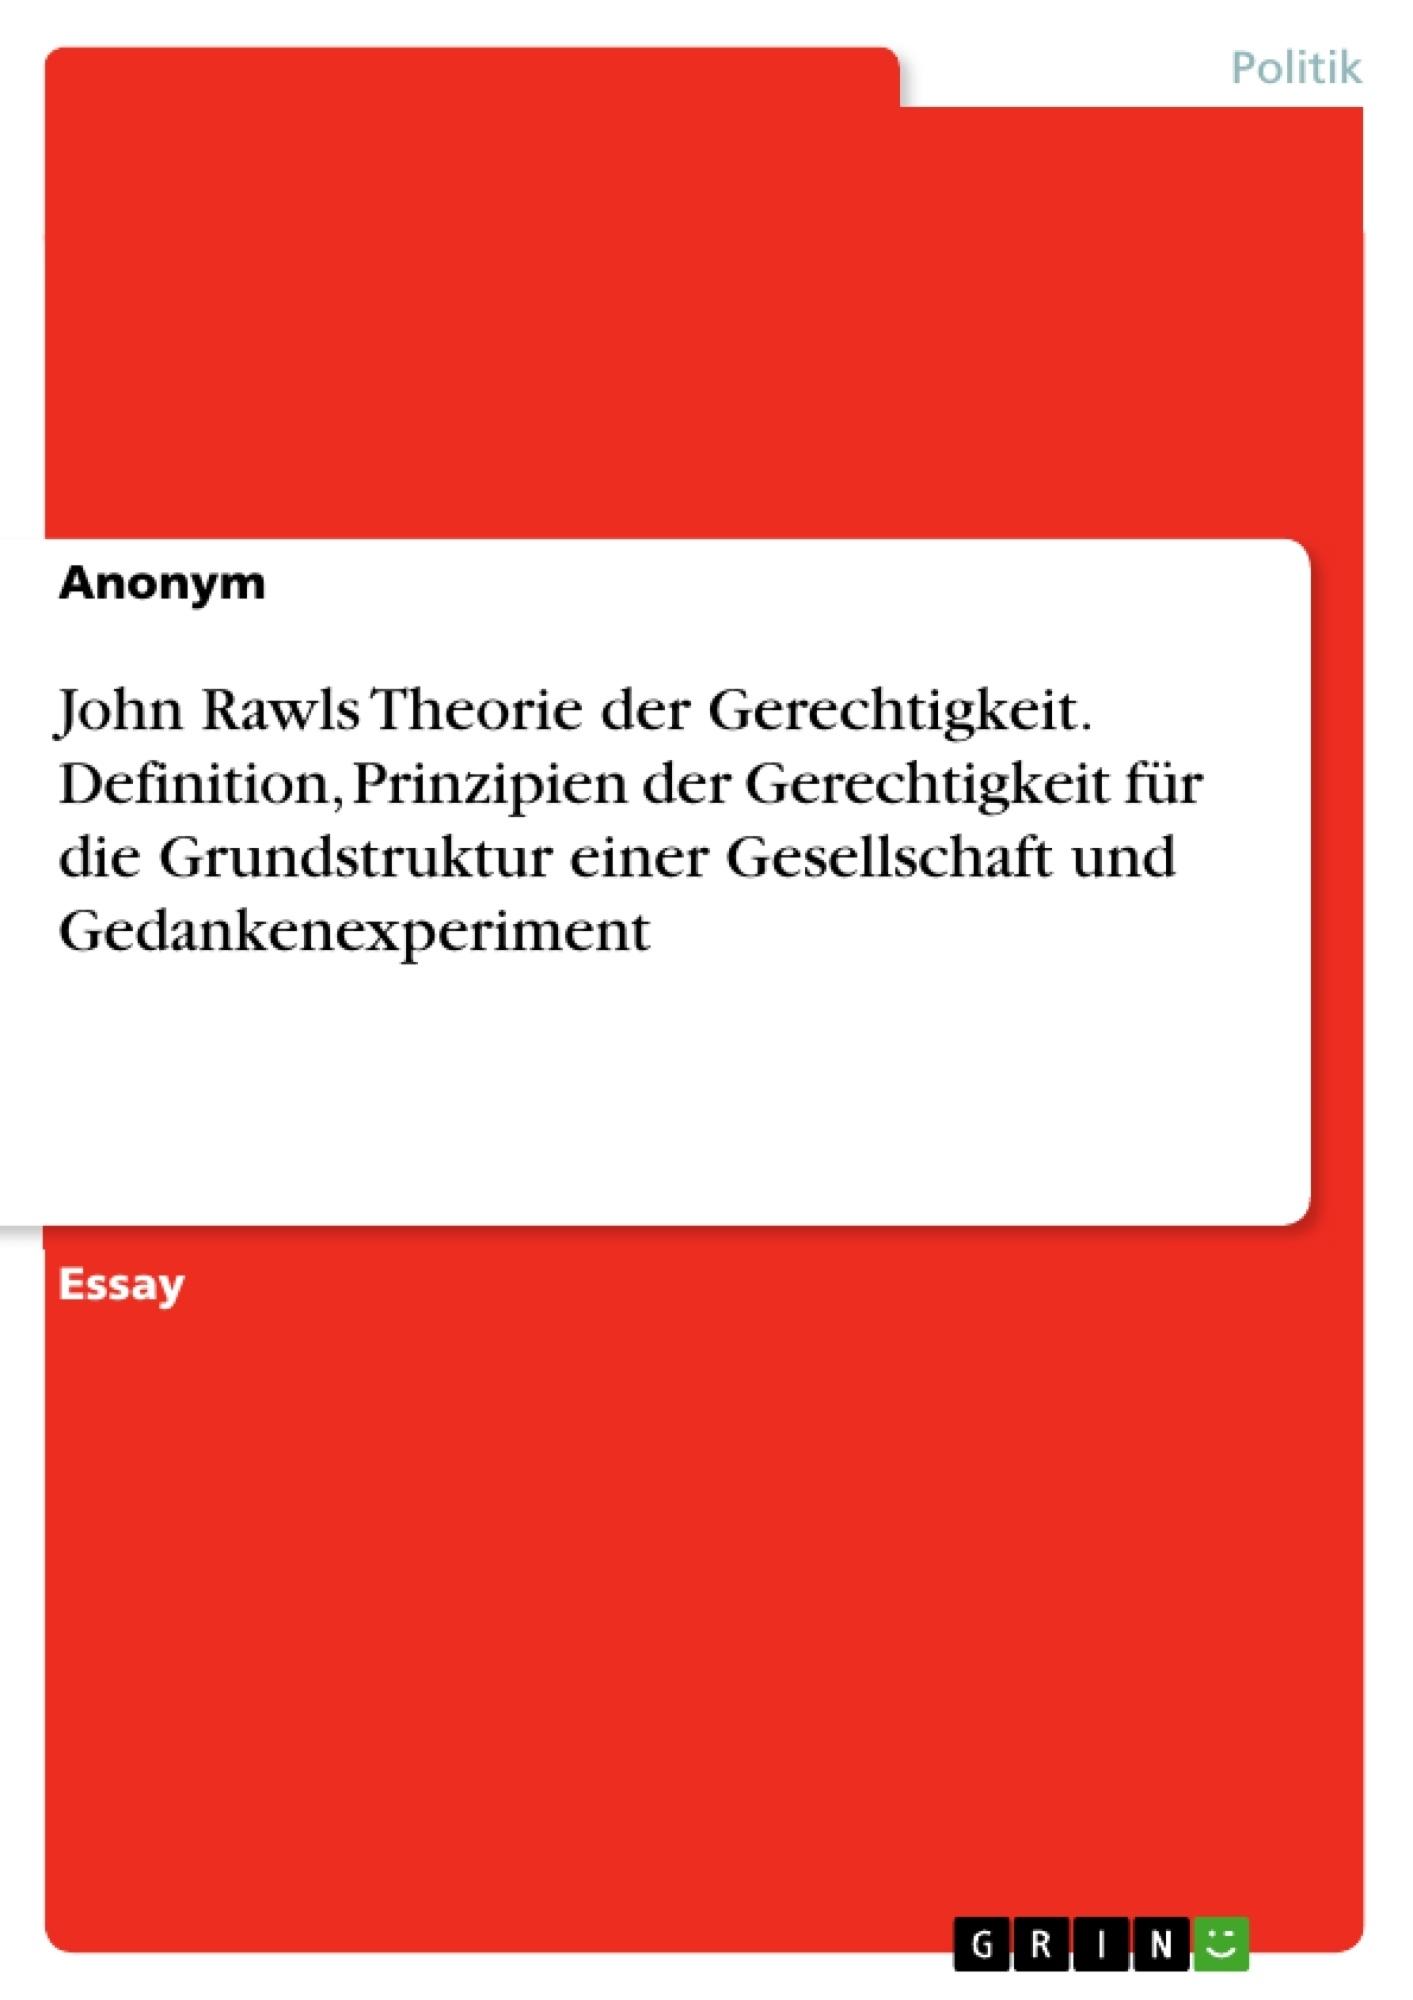 Titel: John Rawls Theorie der Gerechtigkeit. Definition, Prinzipien der Gerechtigkeit für die Grundstruktur einer Gesellschaft und Gedankenexperiment